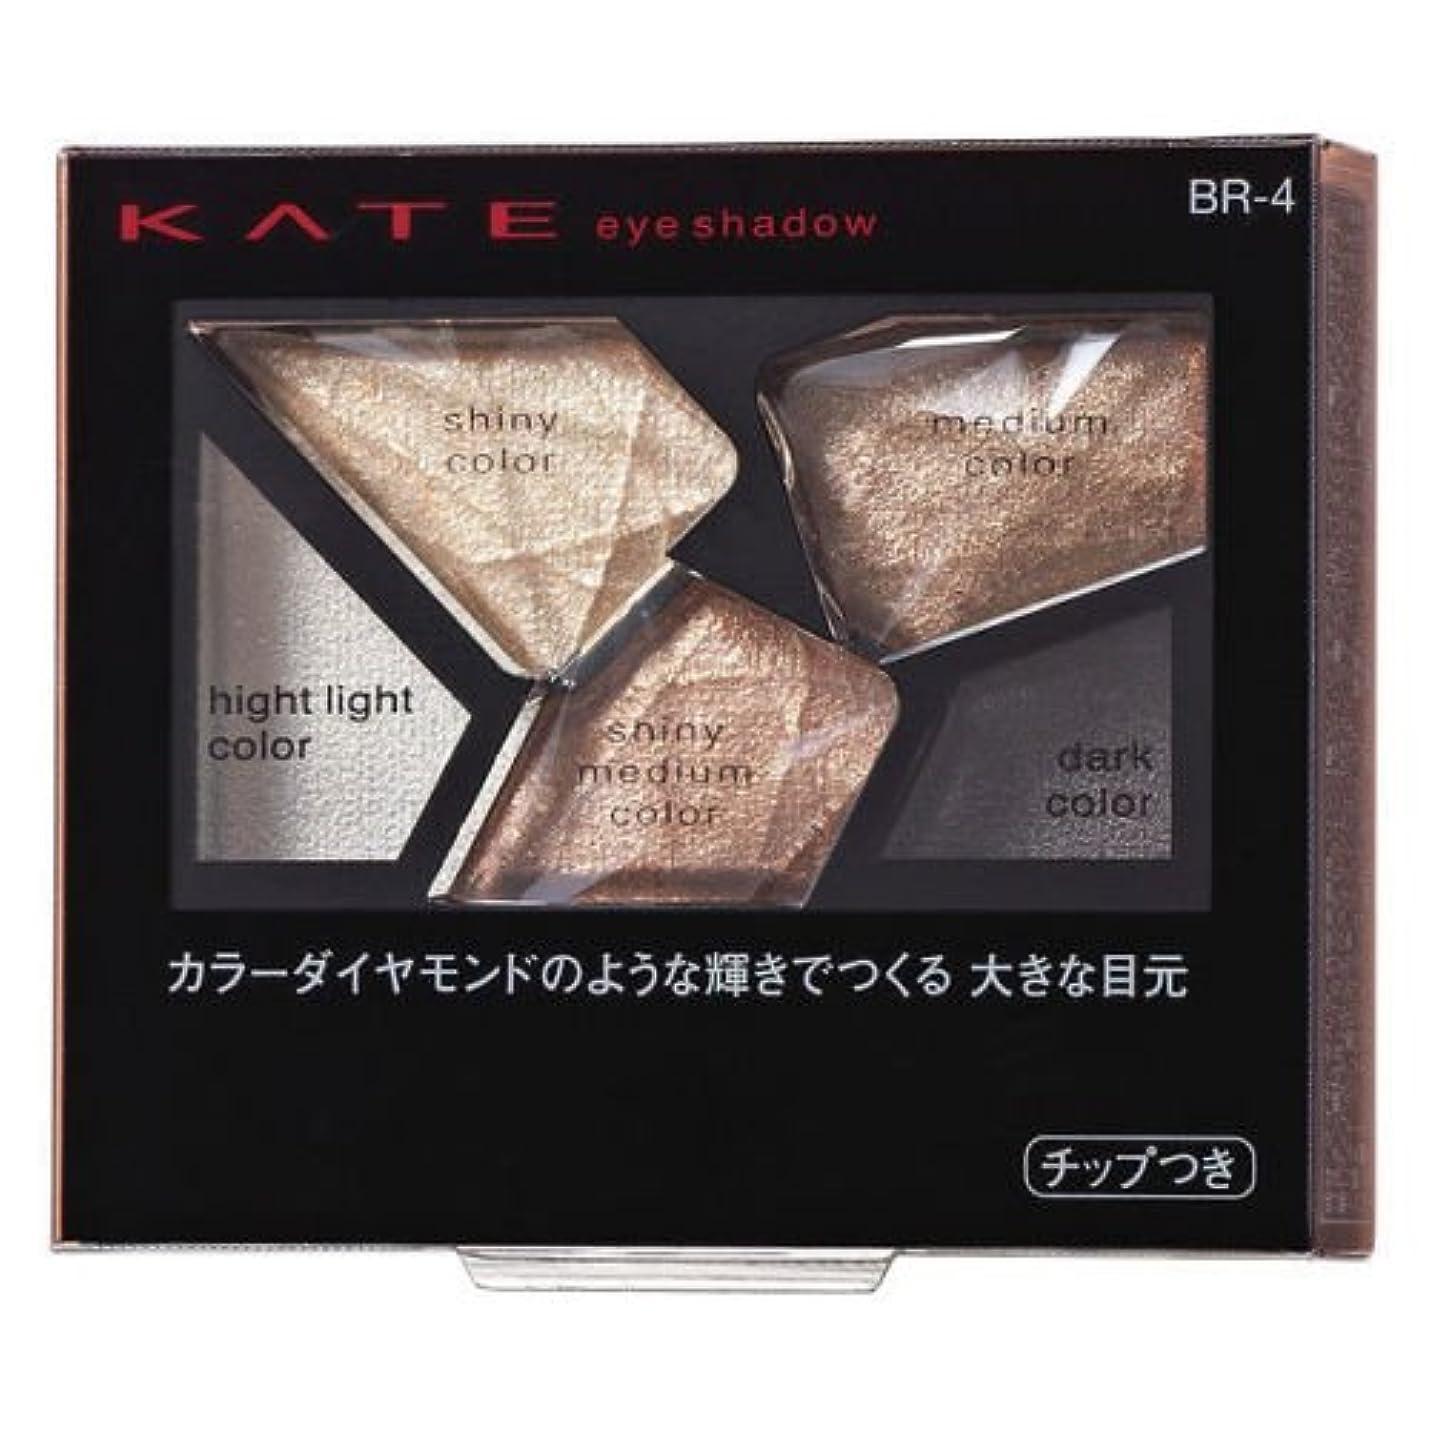 キノコマザーランドしっとり【カネボウ】ケイト カラーシャスダイヤモンド #BR-4 2.8g